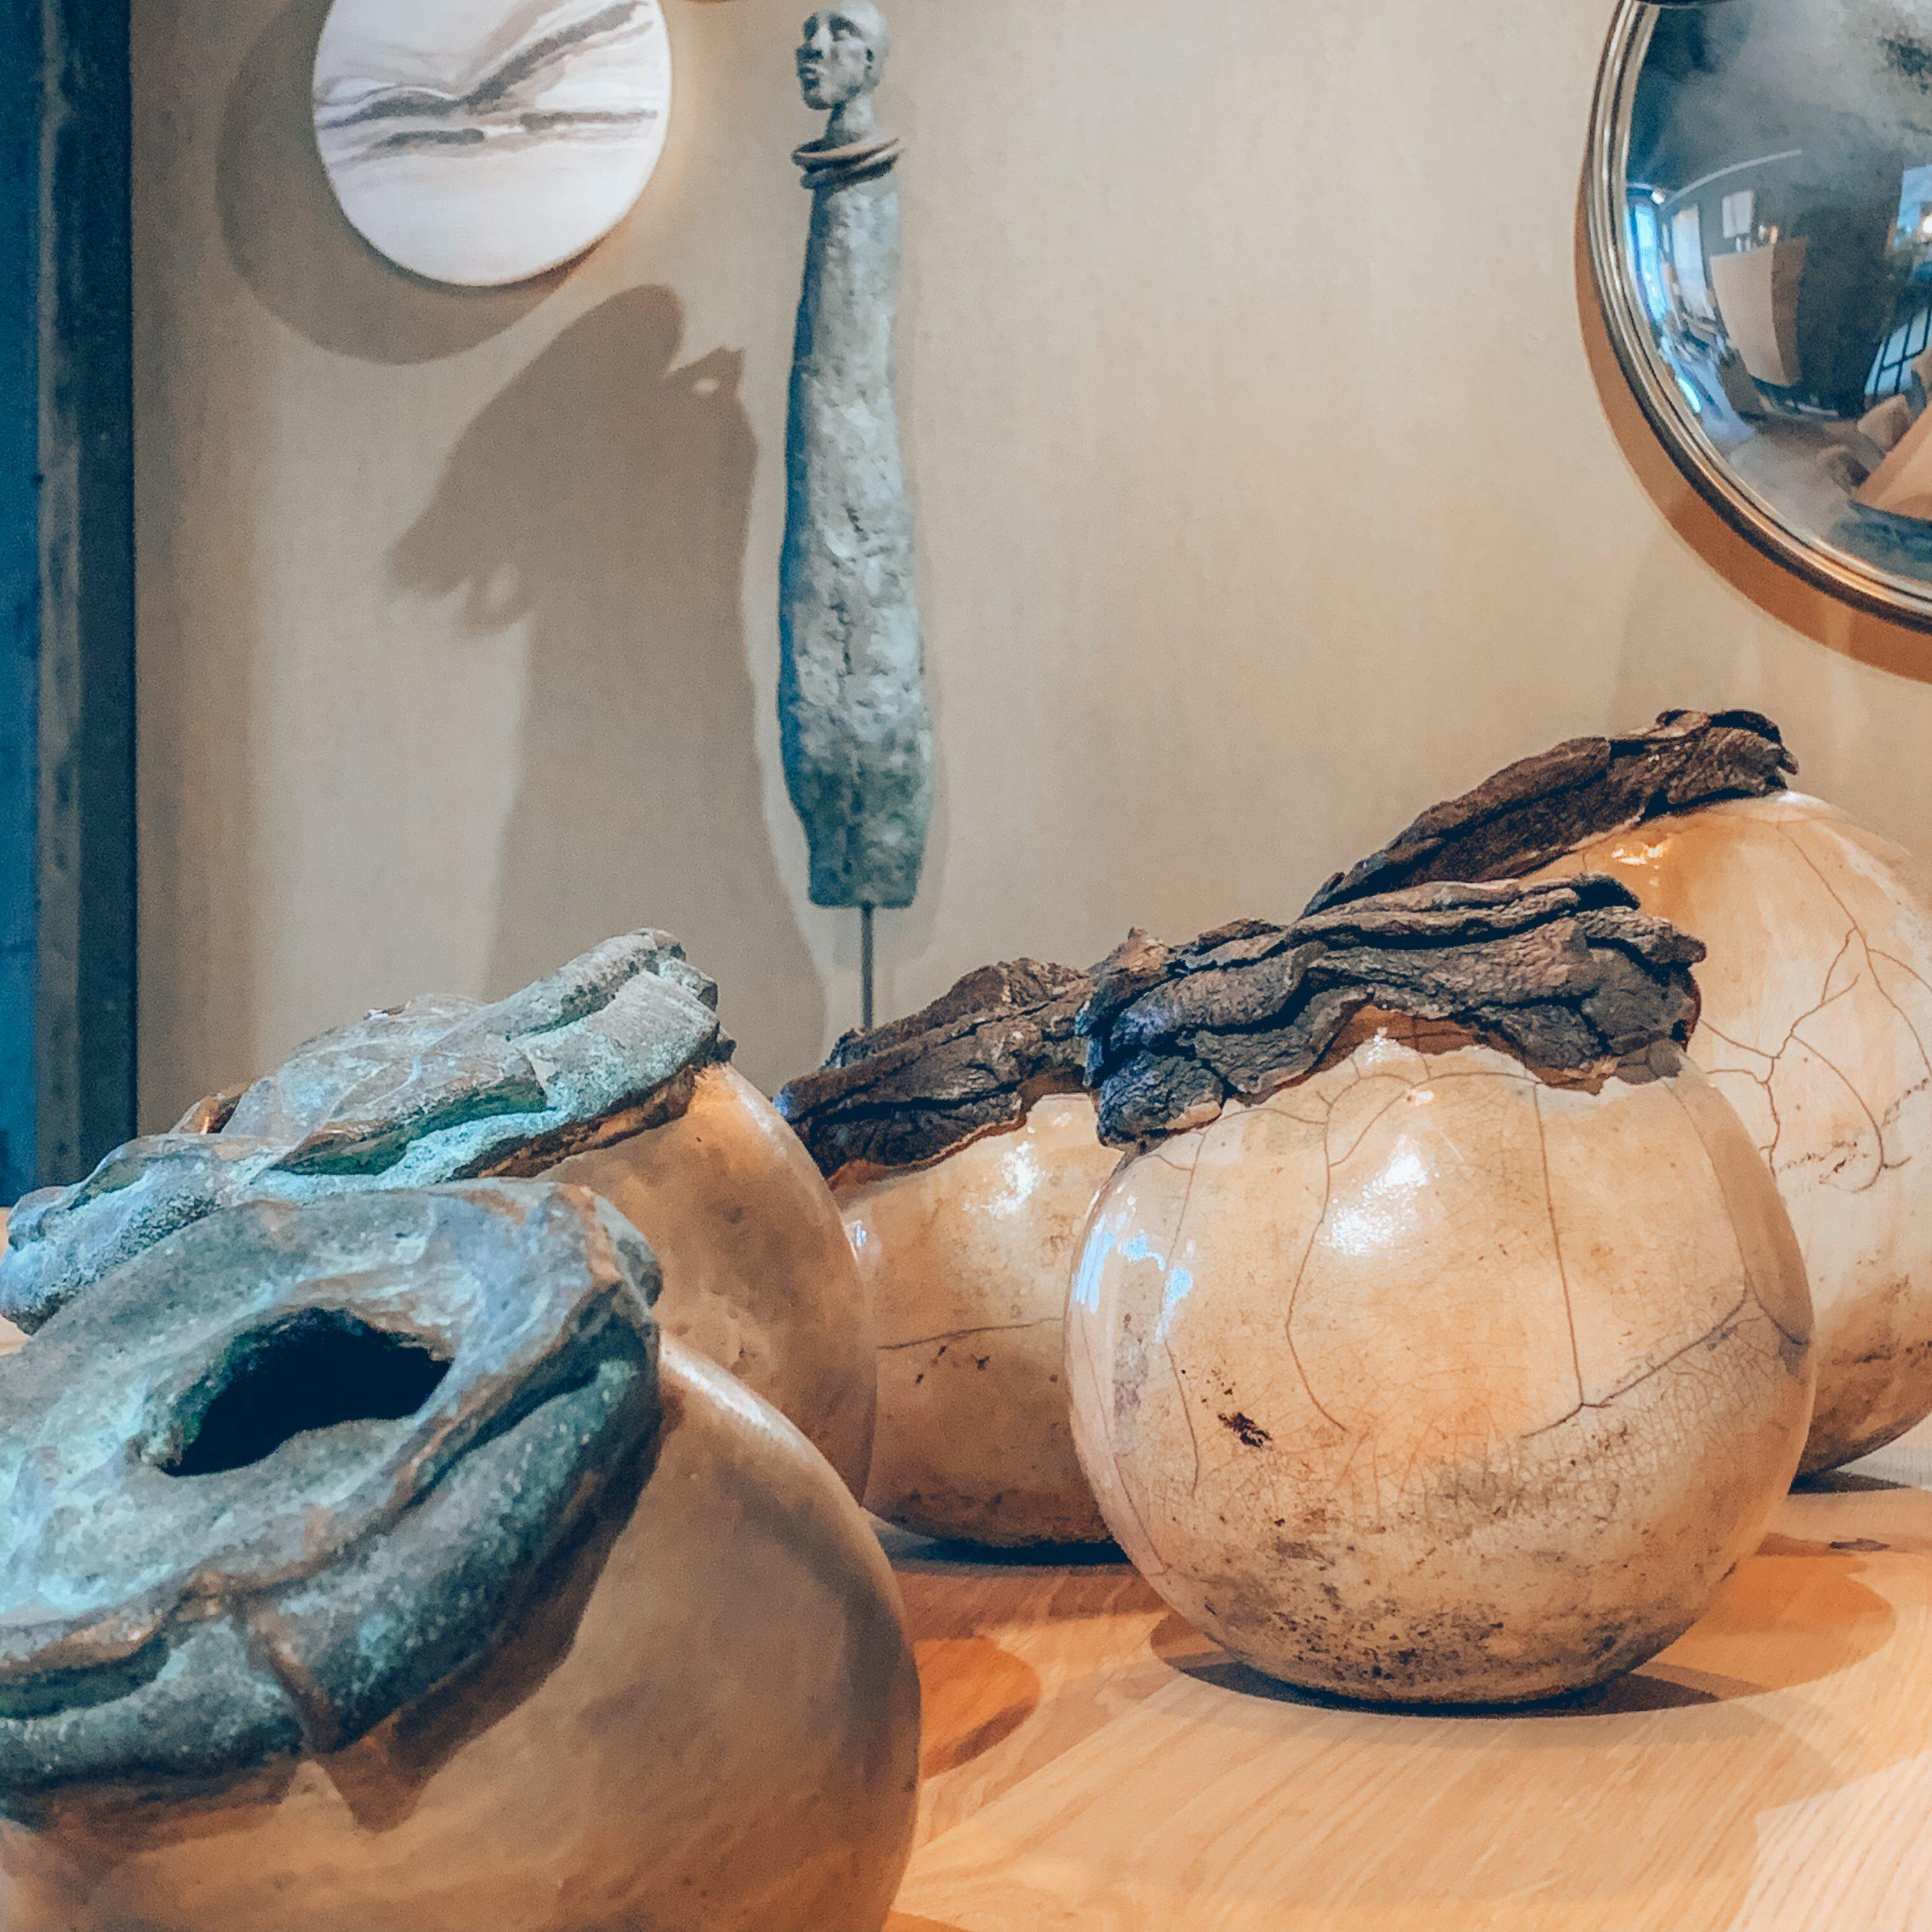 décoration haut-de-gamme, objets de décoration luxe, statue africaine, boules déco, décoration beige, magasin de décoration belgique, jn interiors, jour et nuit liège verviers